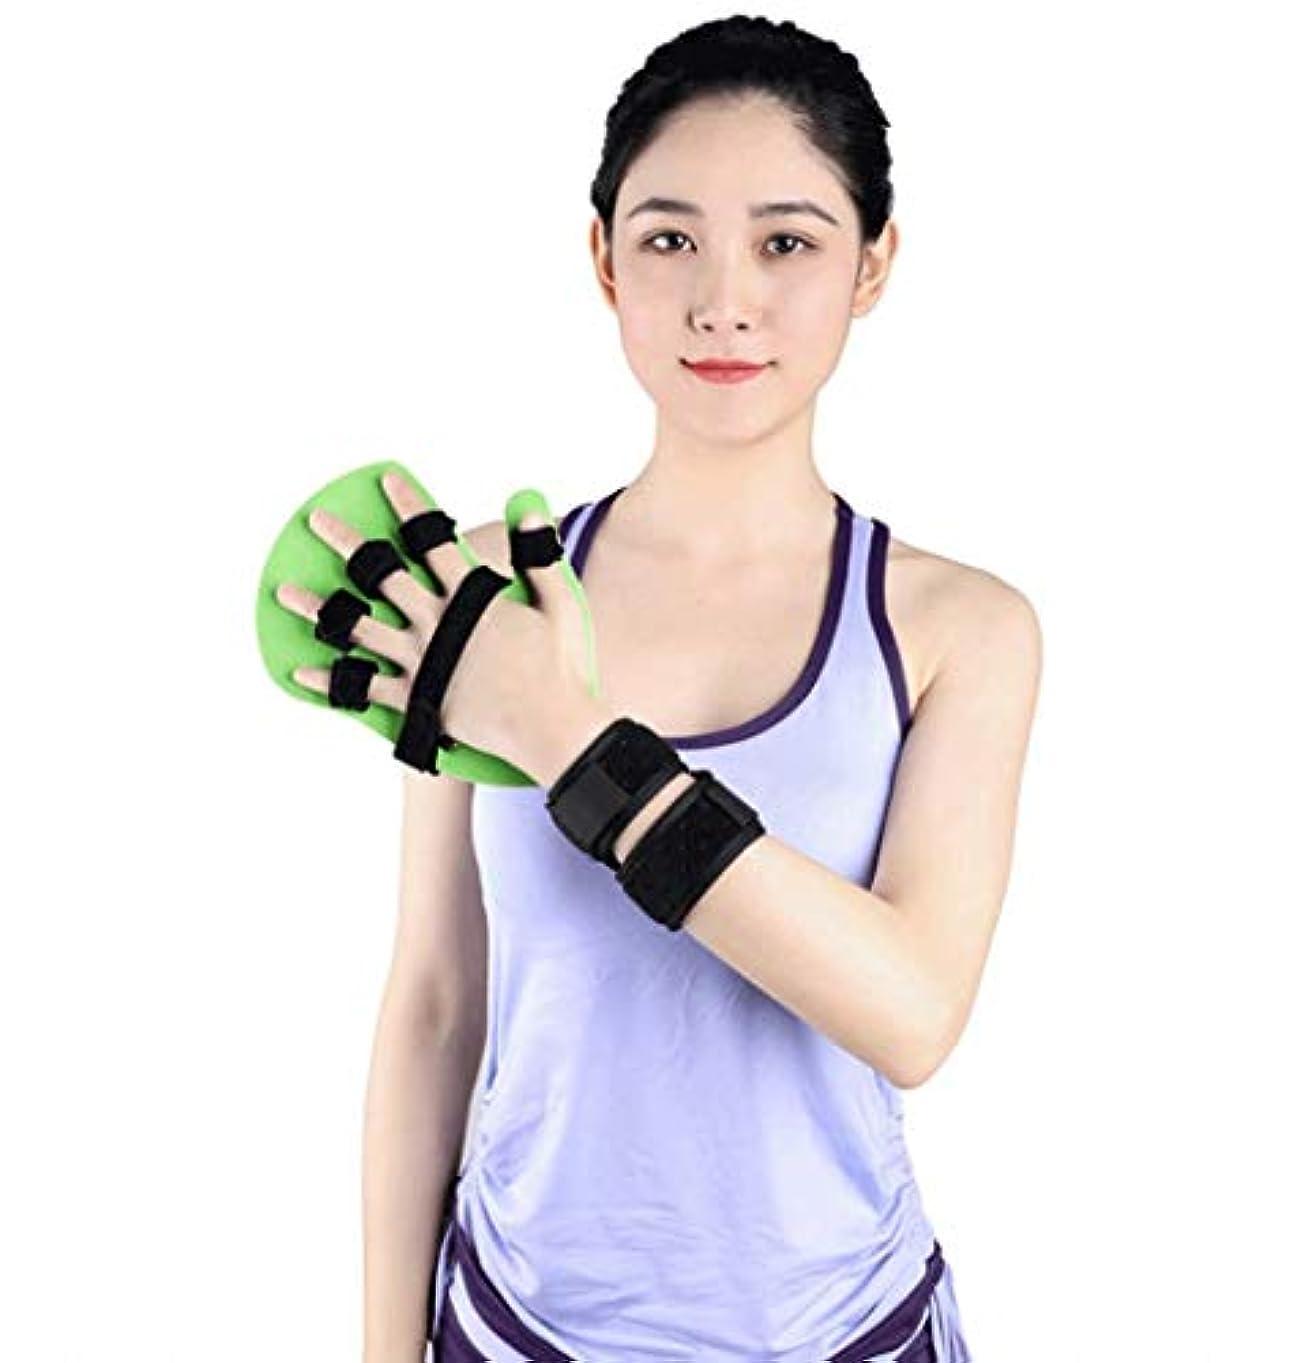 最後に歩く管理する脳卒中/片麻痺/外傷性脳損傷、左右どちらの手のためのスプリント指指セパレーターフィンガートレーニングDeviceFingerインソール指を指 (Color : Left, Size : S)